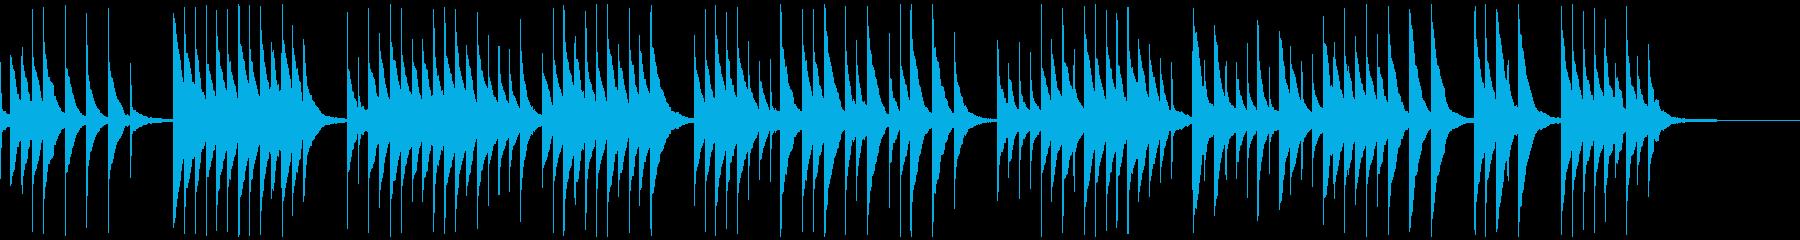 切ない寂しい感じのオルゴール曲の再生済みの波形